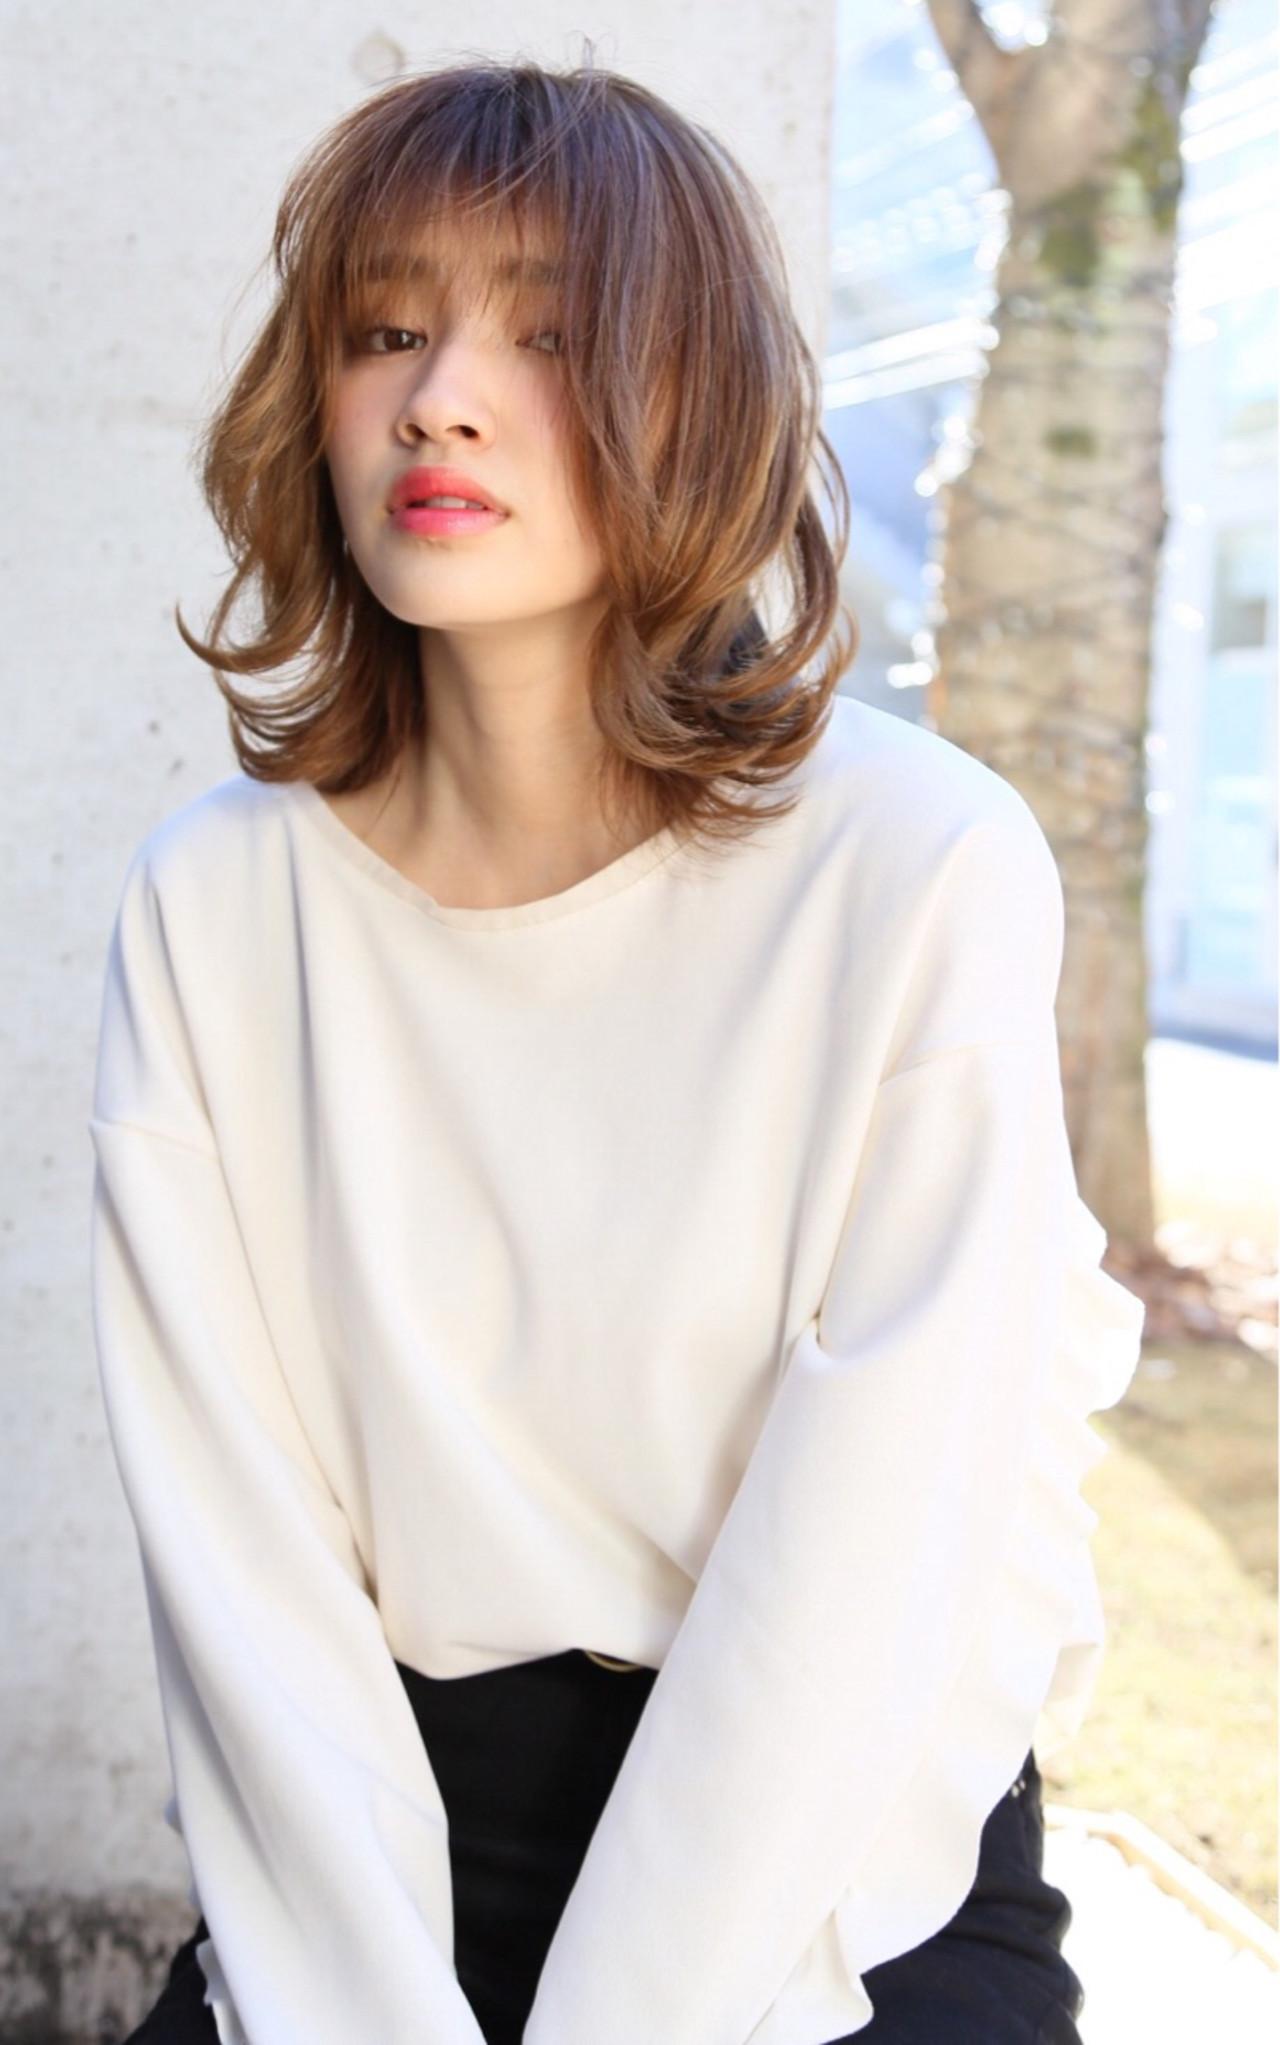 シースルーバング アッシュベージュ ハイライト ミディアム ヘアスタイルや髪型の写真・画像